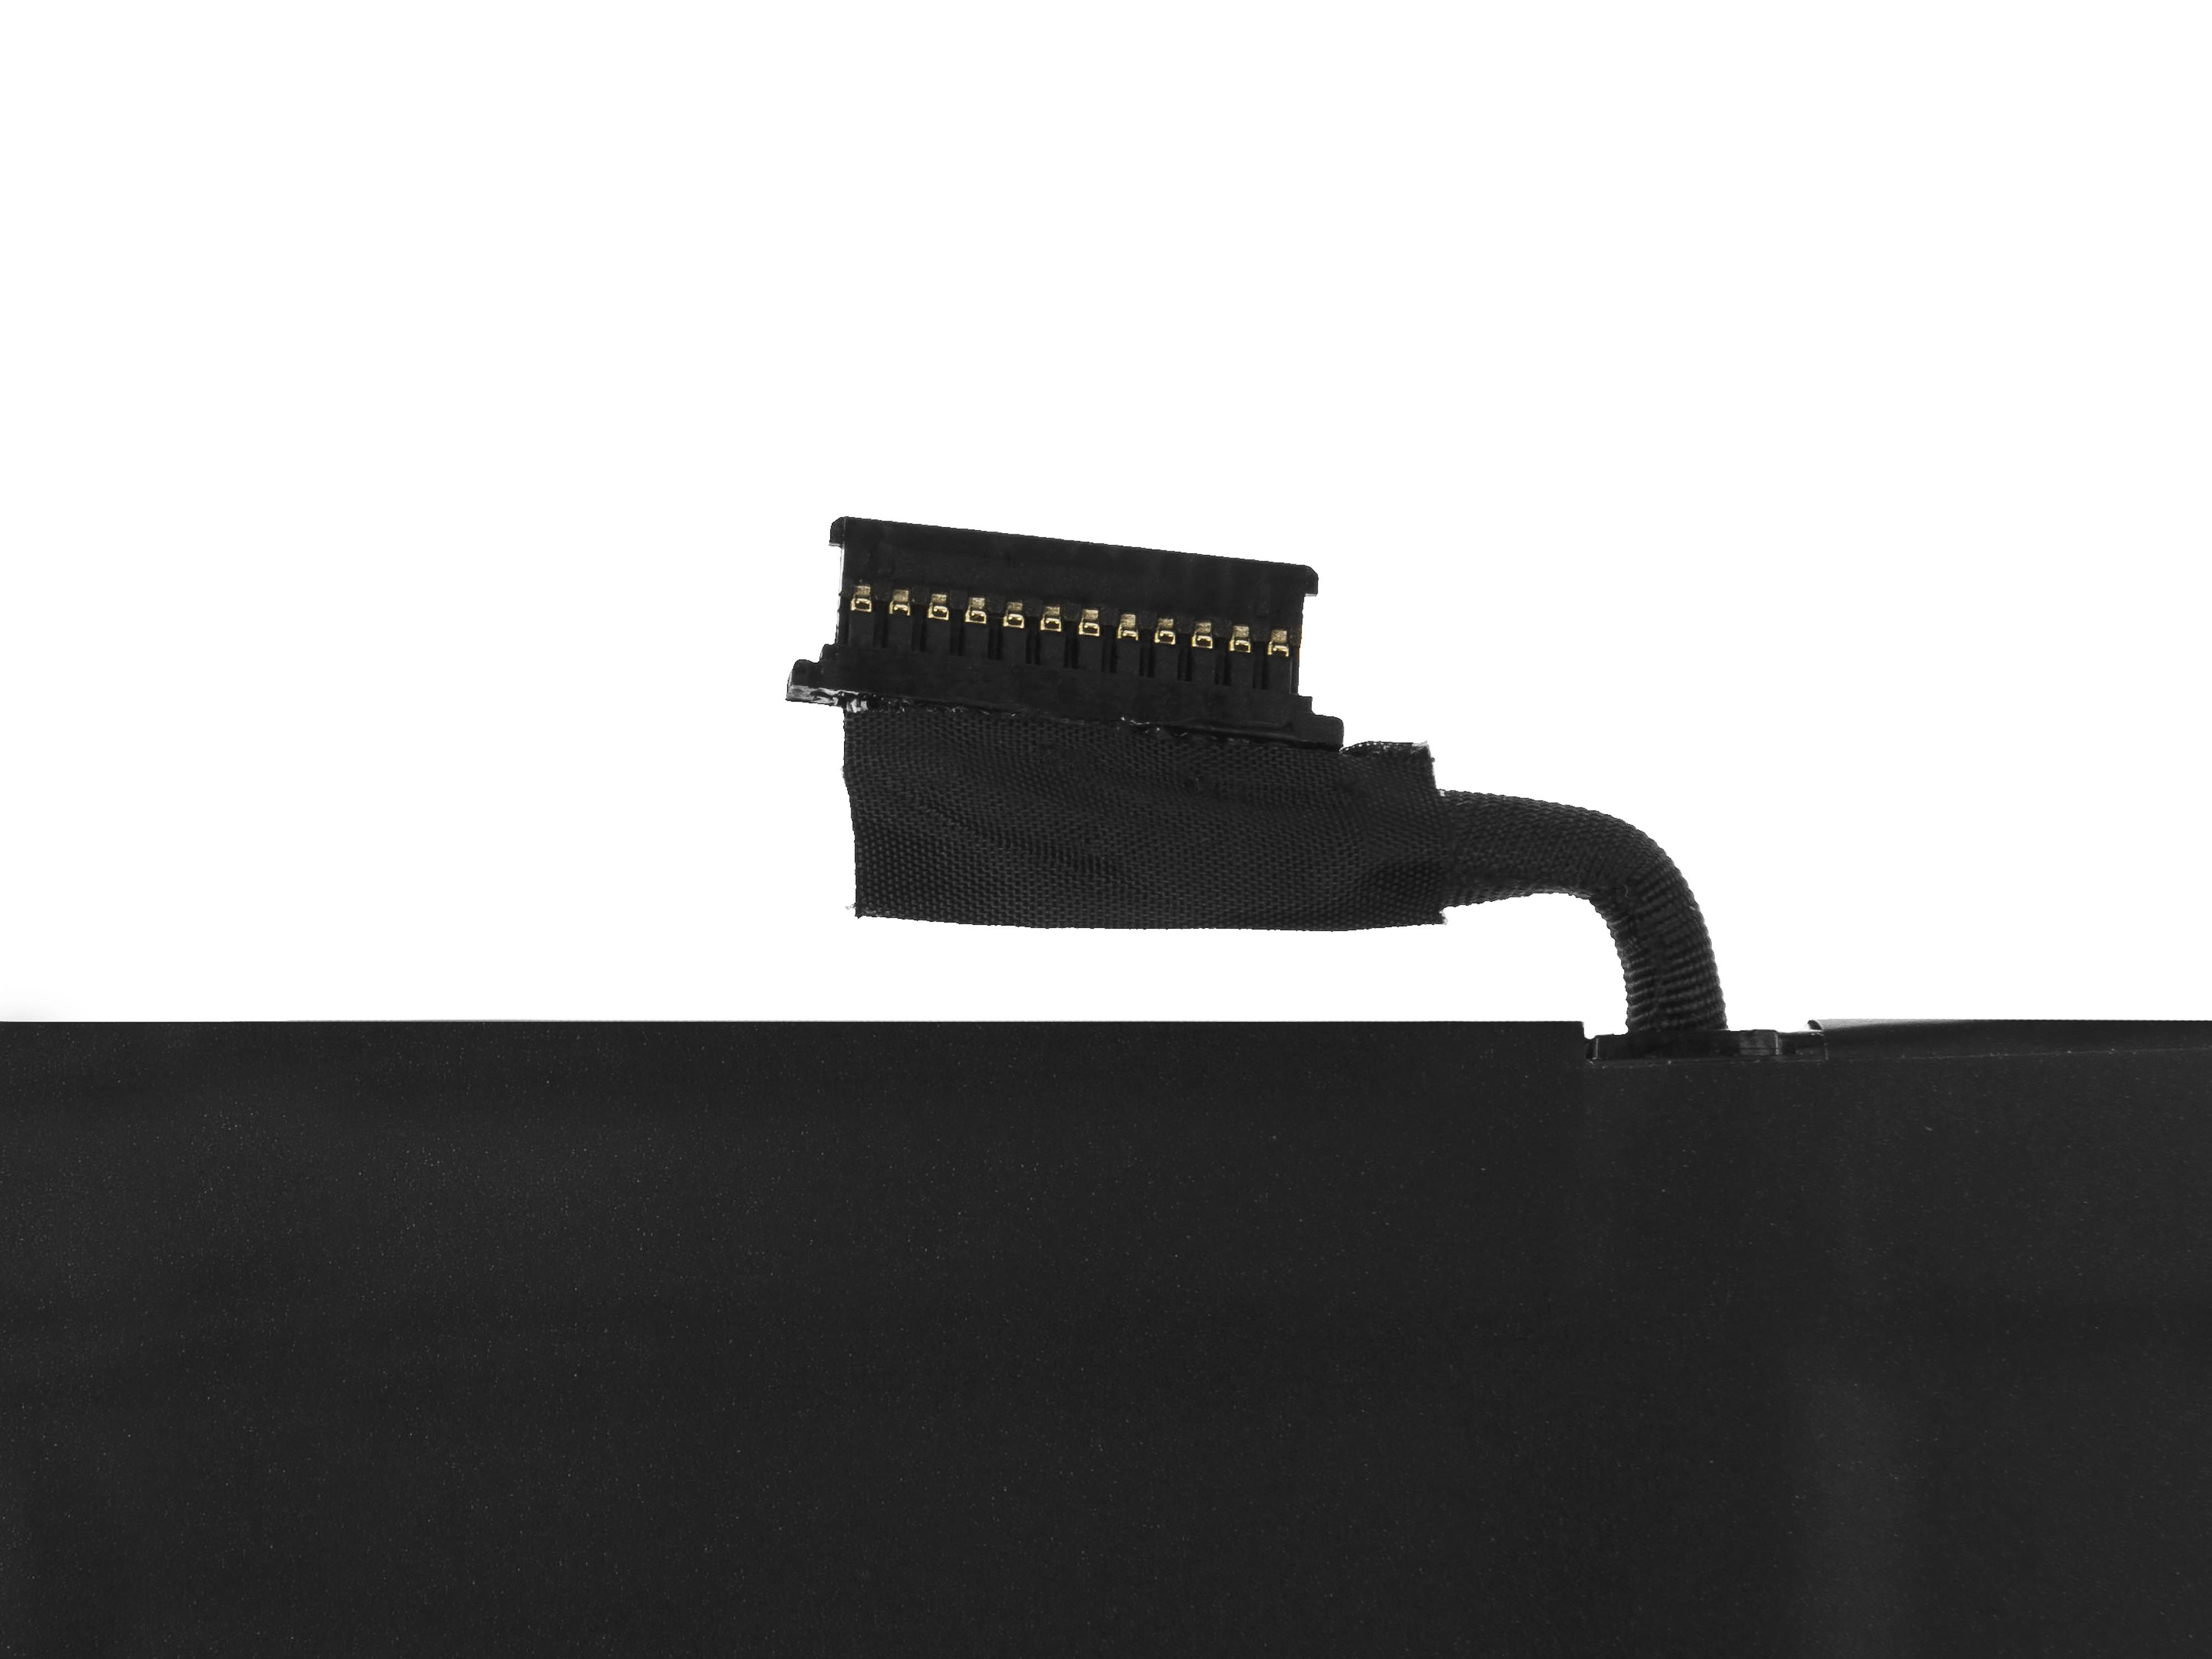 Batteri DXGH8 för Dell XPS 13 9370 9380, Dell Inspiron 13 3301 5390 7390, Dell Vostro 13 5390